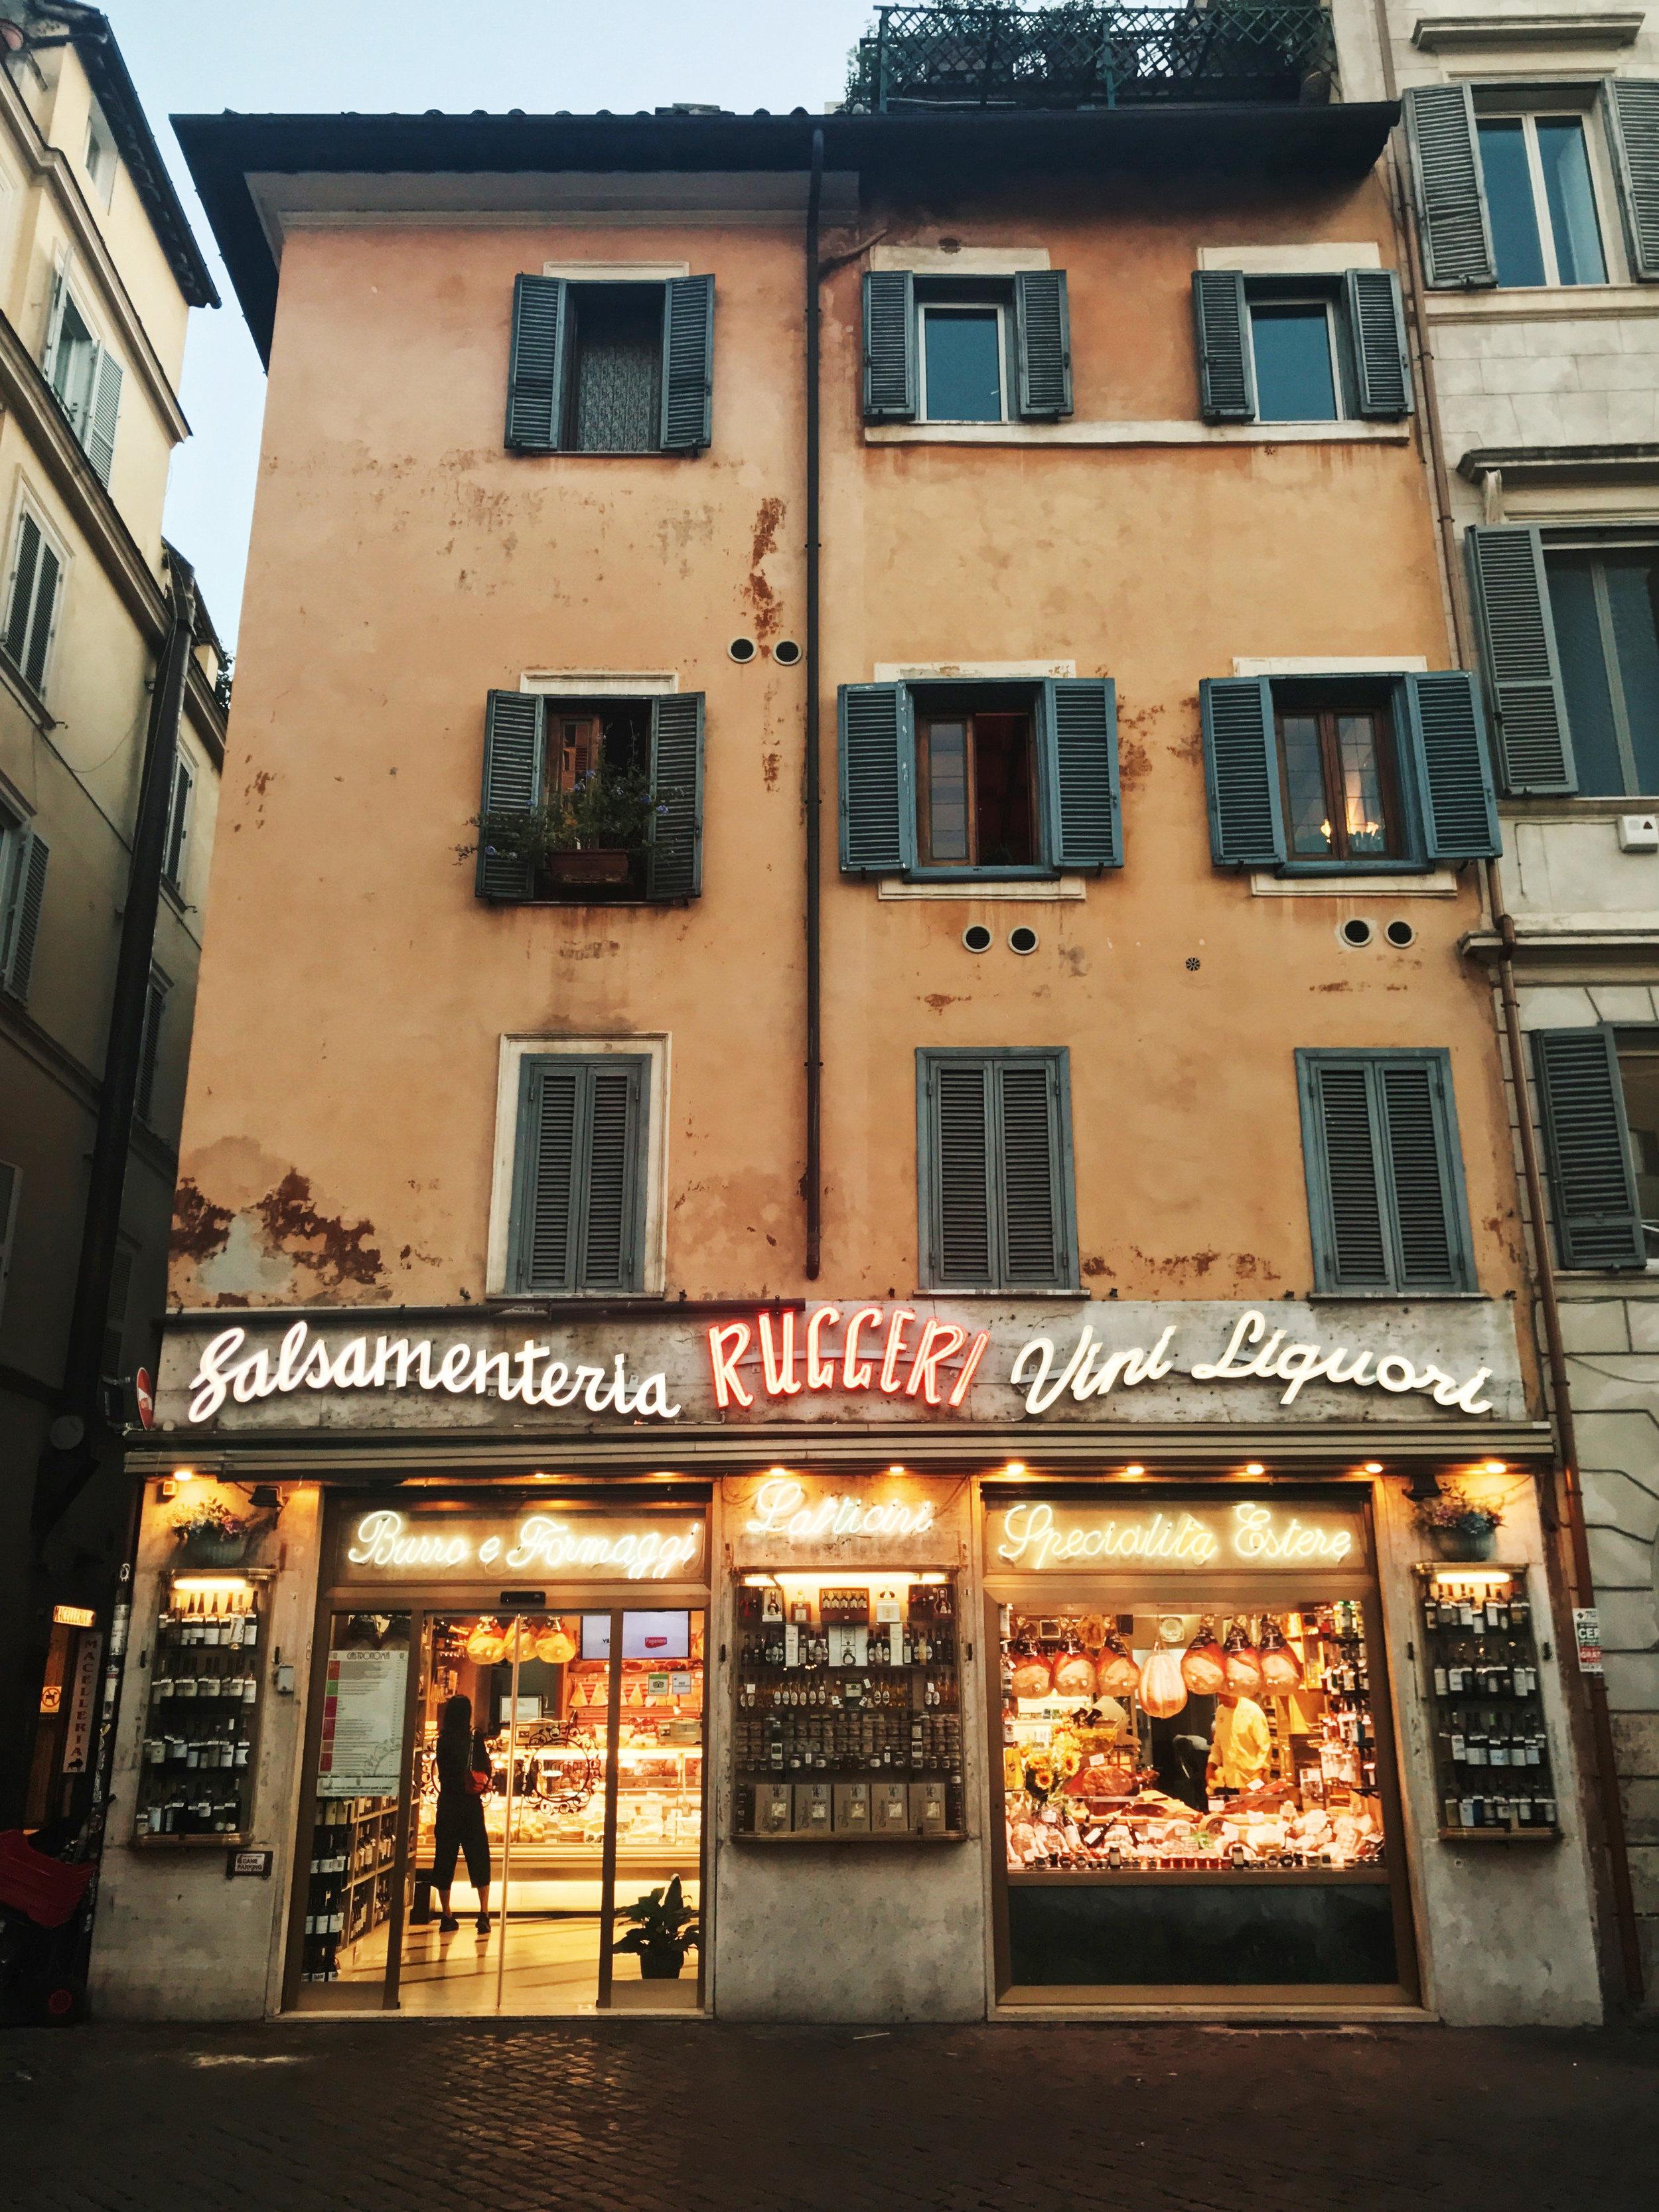 Italy-Positano-Rome-Amalfi-Coast-Lena-Mirisola-7.JPG